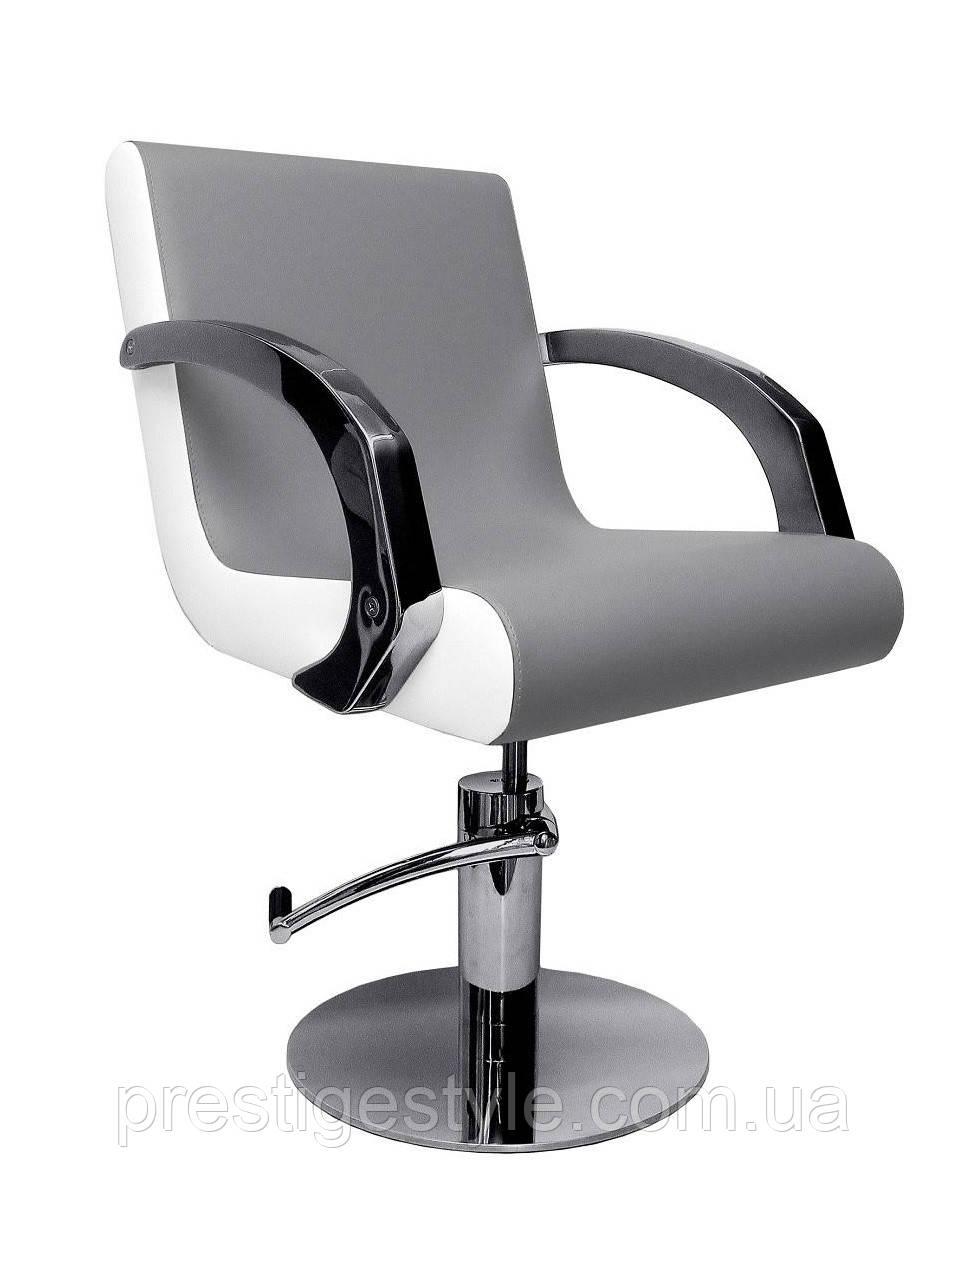 Парикмахерское кресло Грация